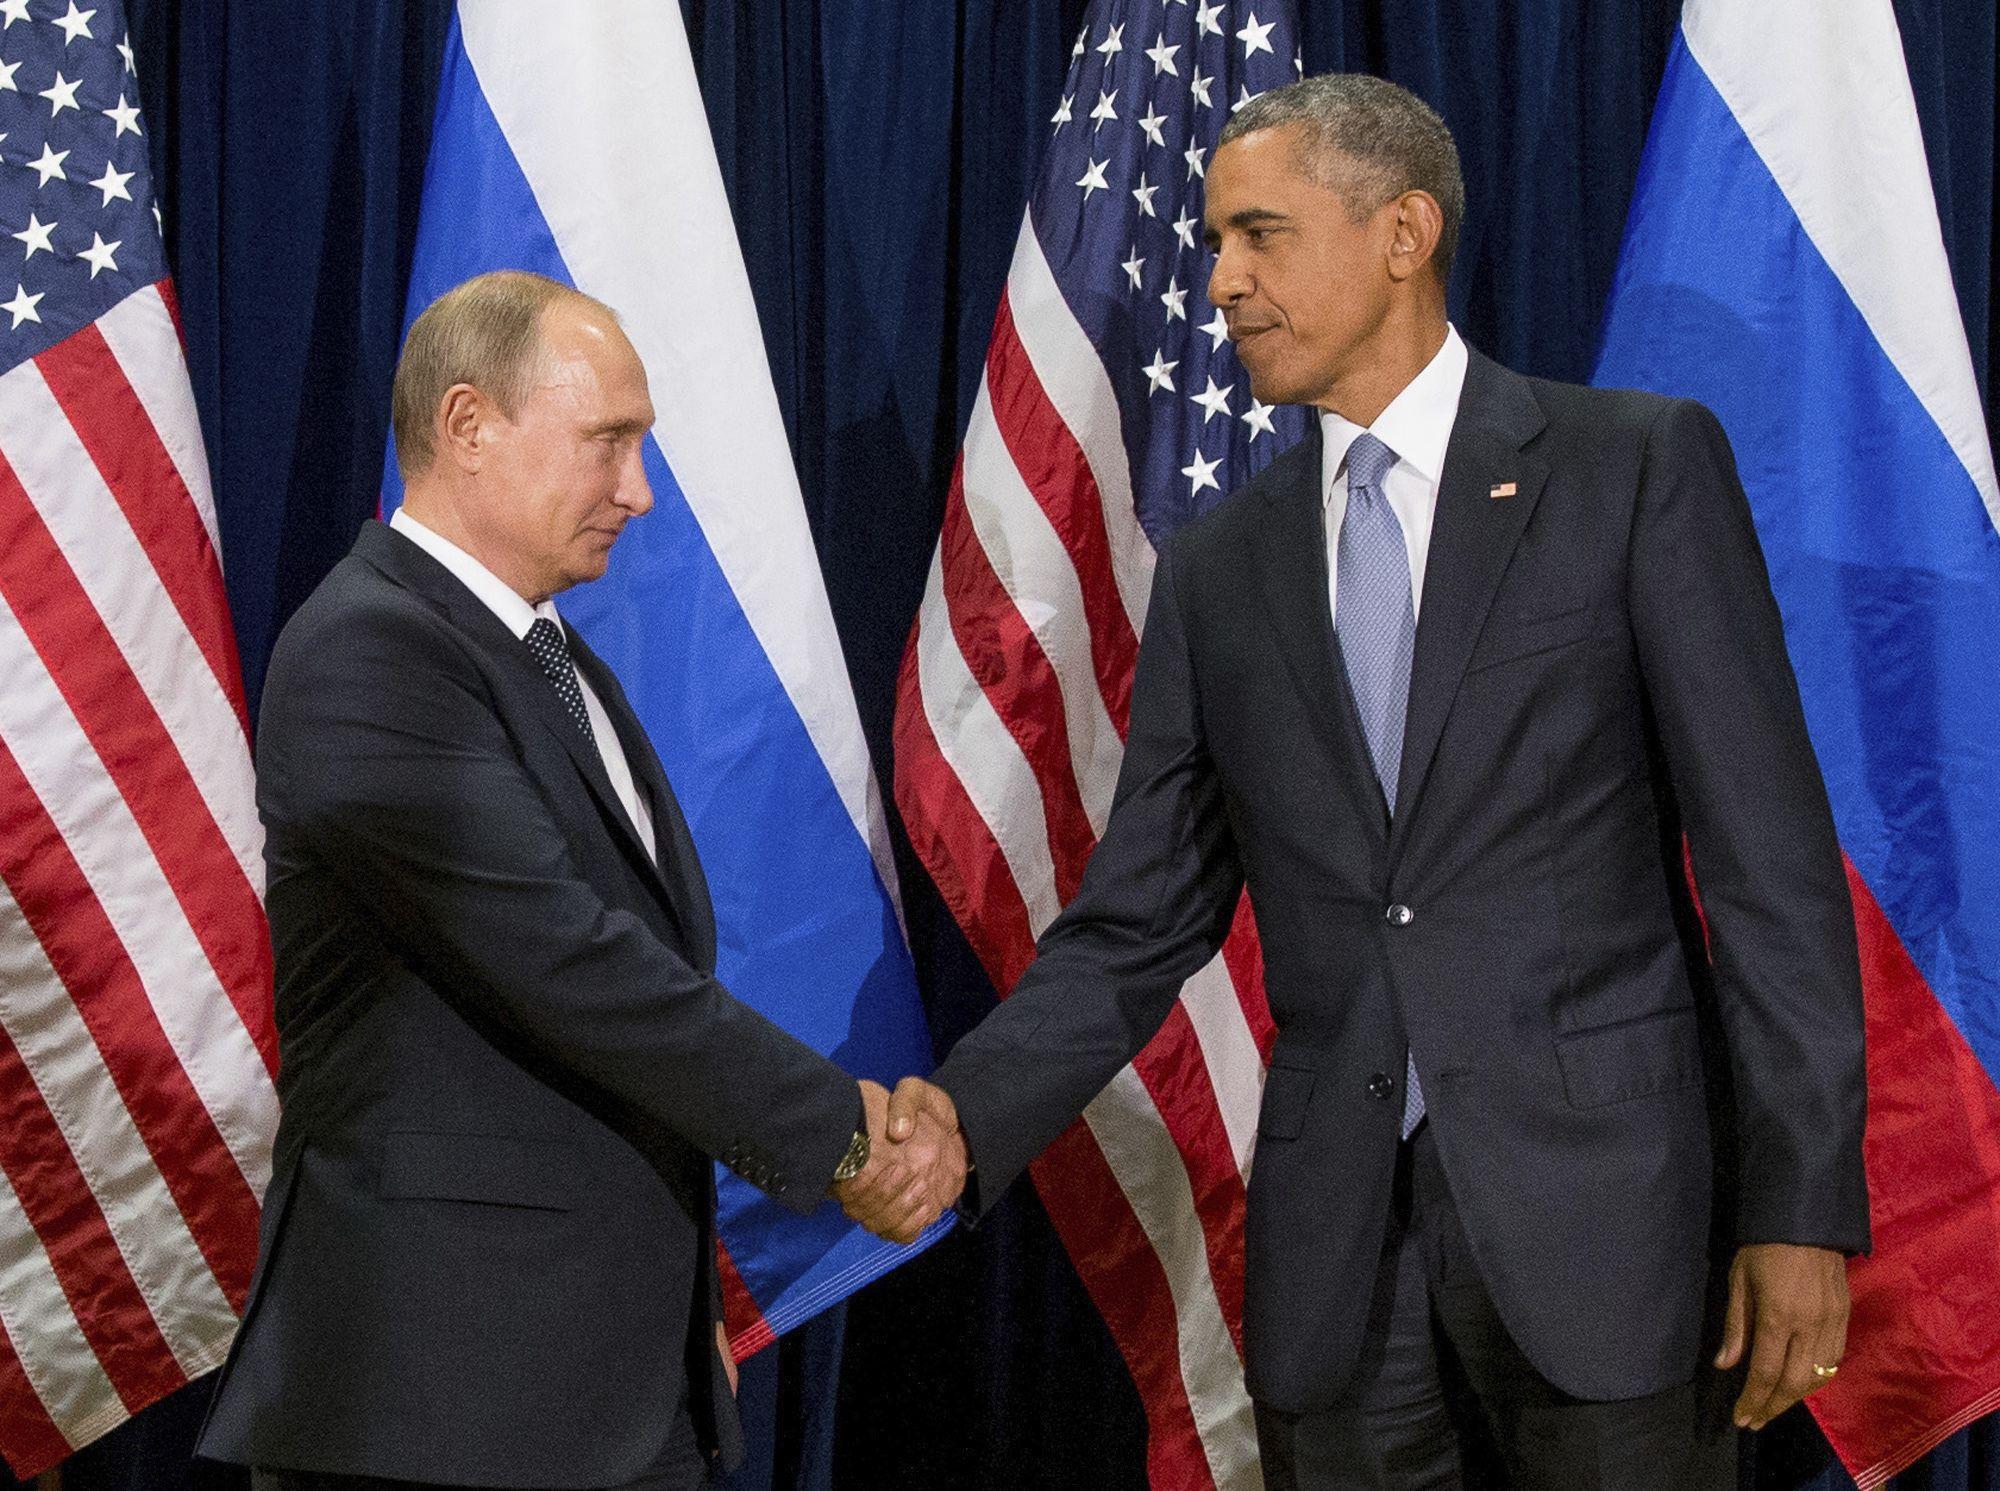 En imagen de archivo del 28 de septiembre de 2015, los presidentes Barack Obama, de Estados Unidos, y Vladimir Putin, de Rusia, estrechan sus manos antes de una reunión bilateral en la sede de Naciones Unidas. Foto de AP.